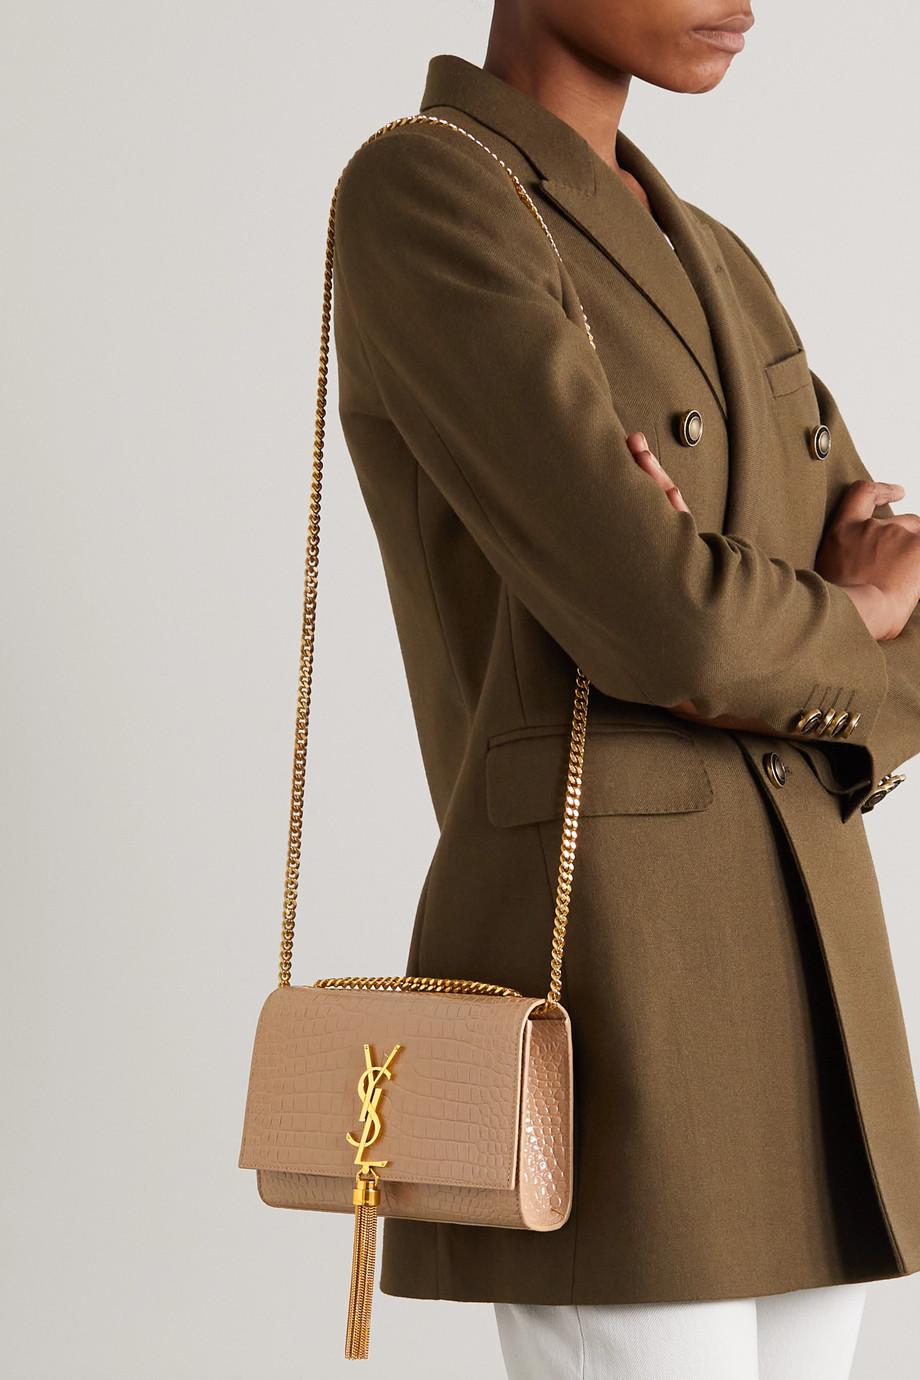 SAINT LAURENT Sac porté épaule en cuir glacé effet croco Kate Small